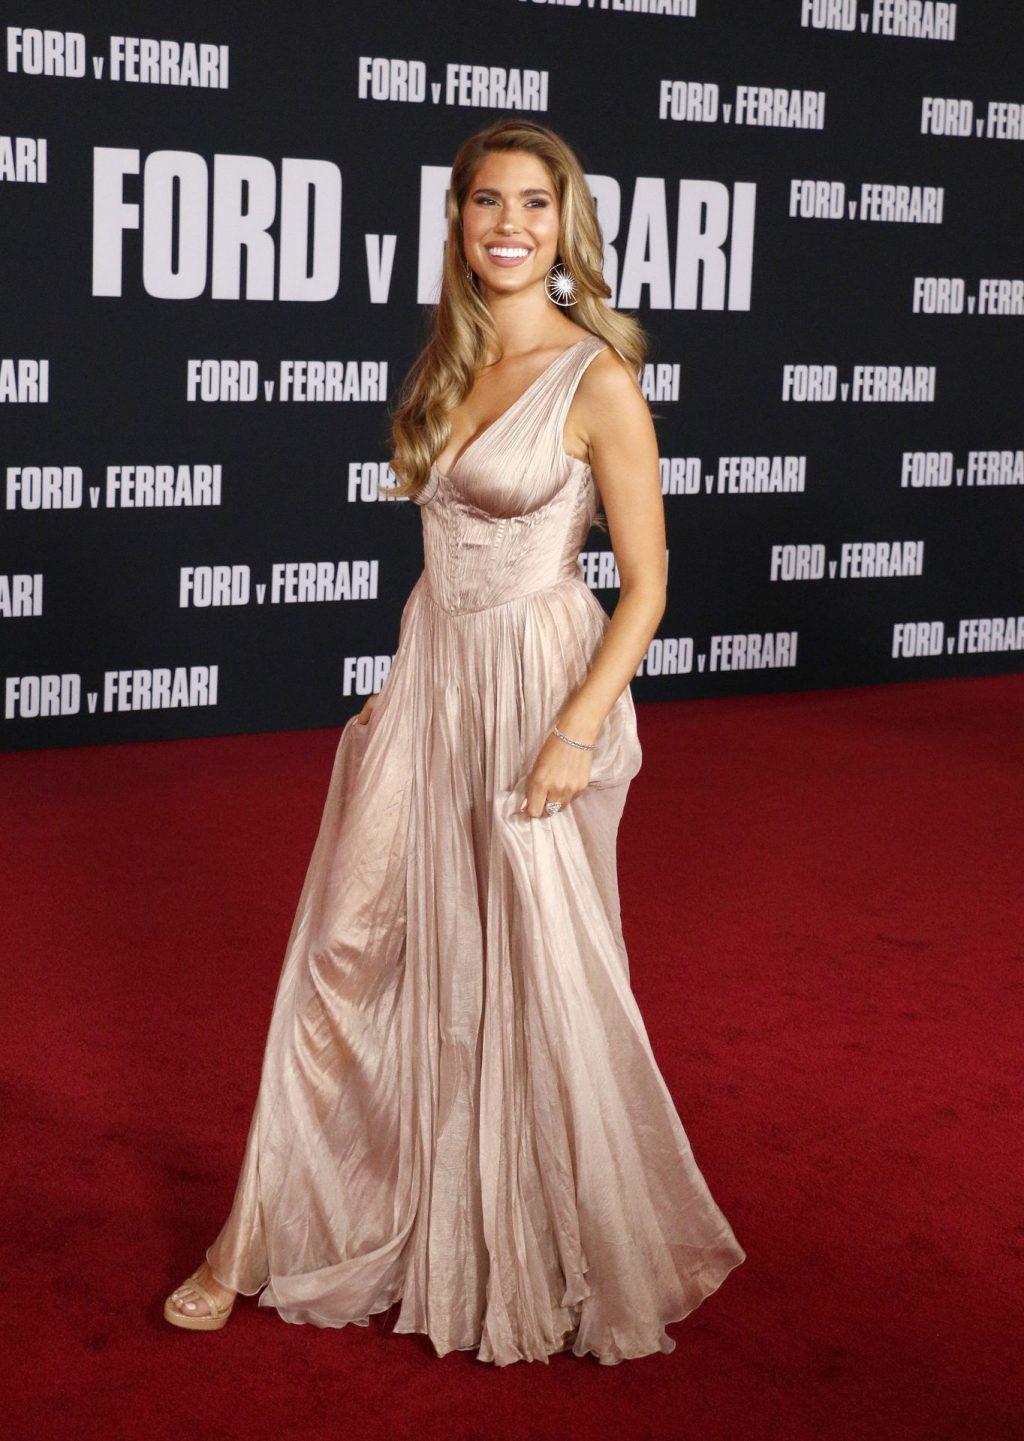 Kara Del Toro Sexy (43 Photos)